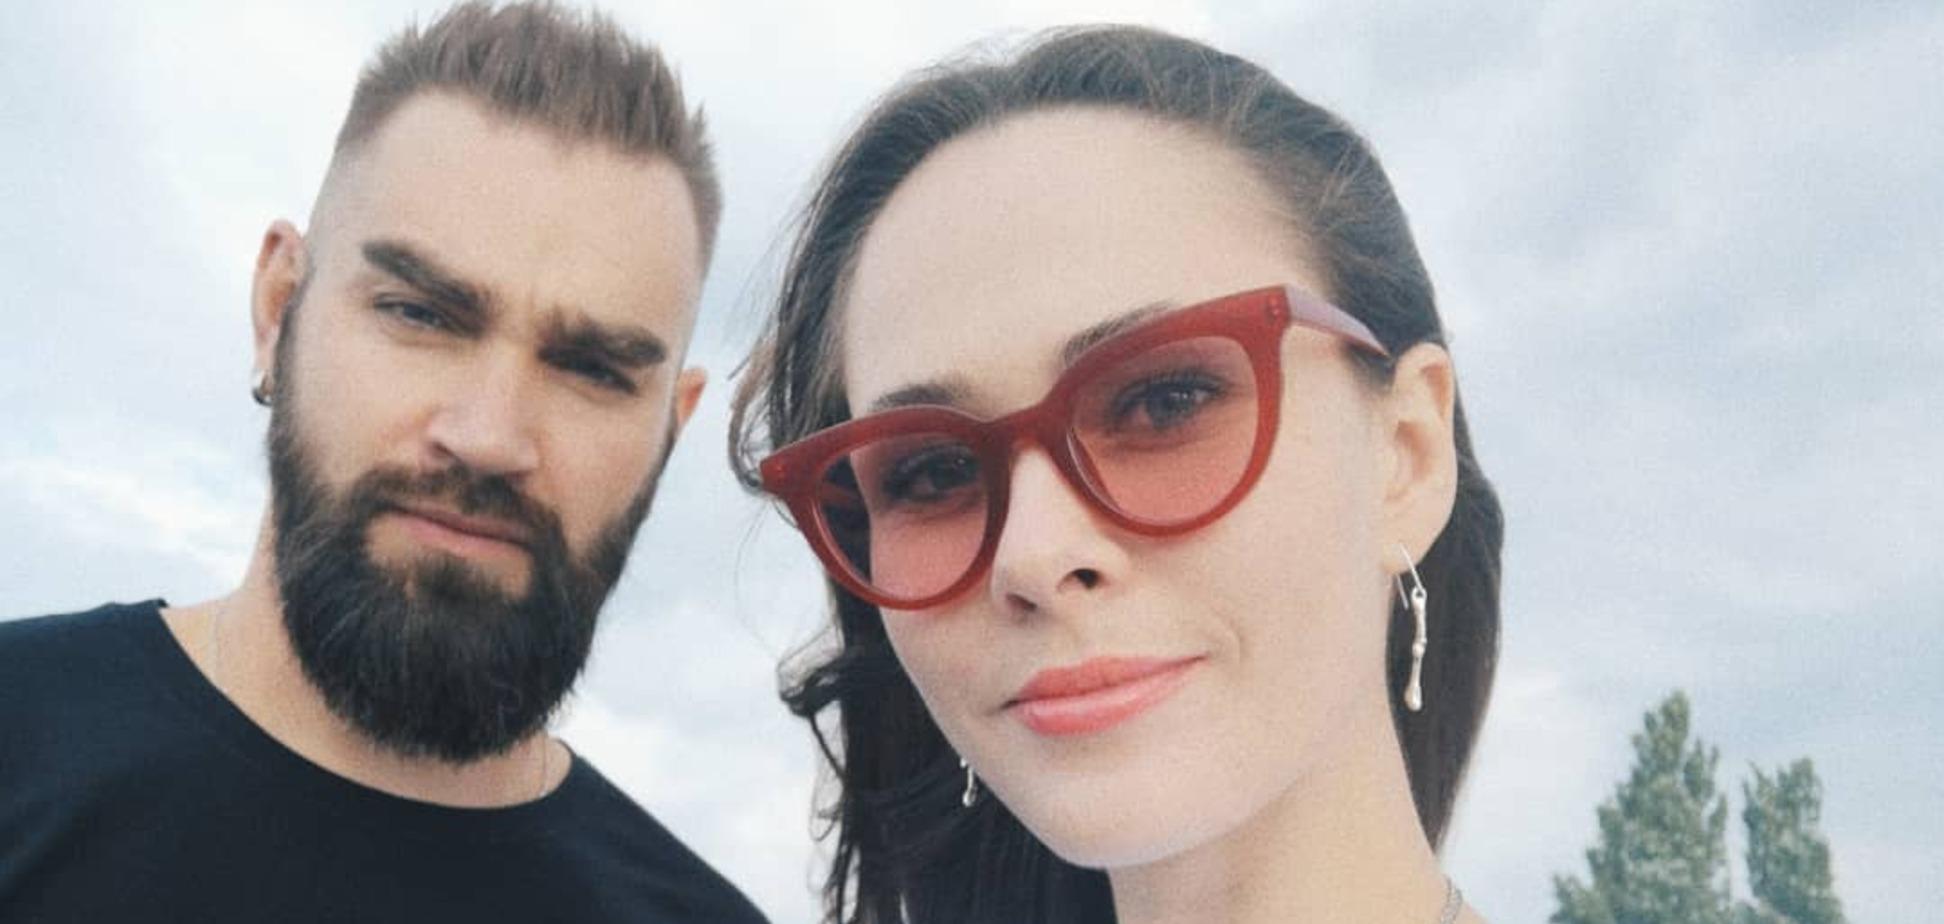 Юлія Саніна несподівано заговорила про розлучення з чоловіком: відверте зізнання співачки